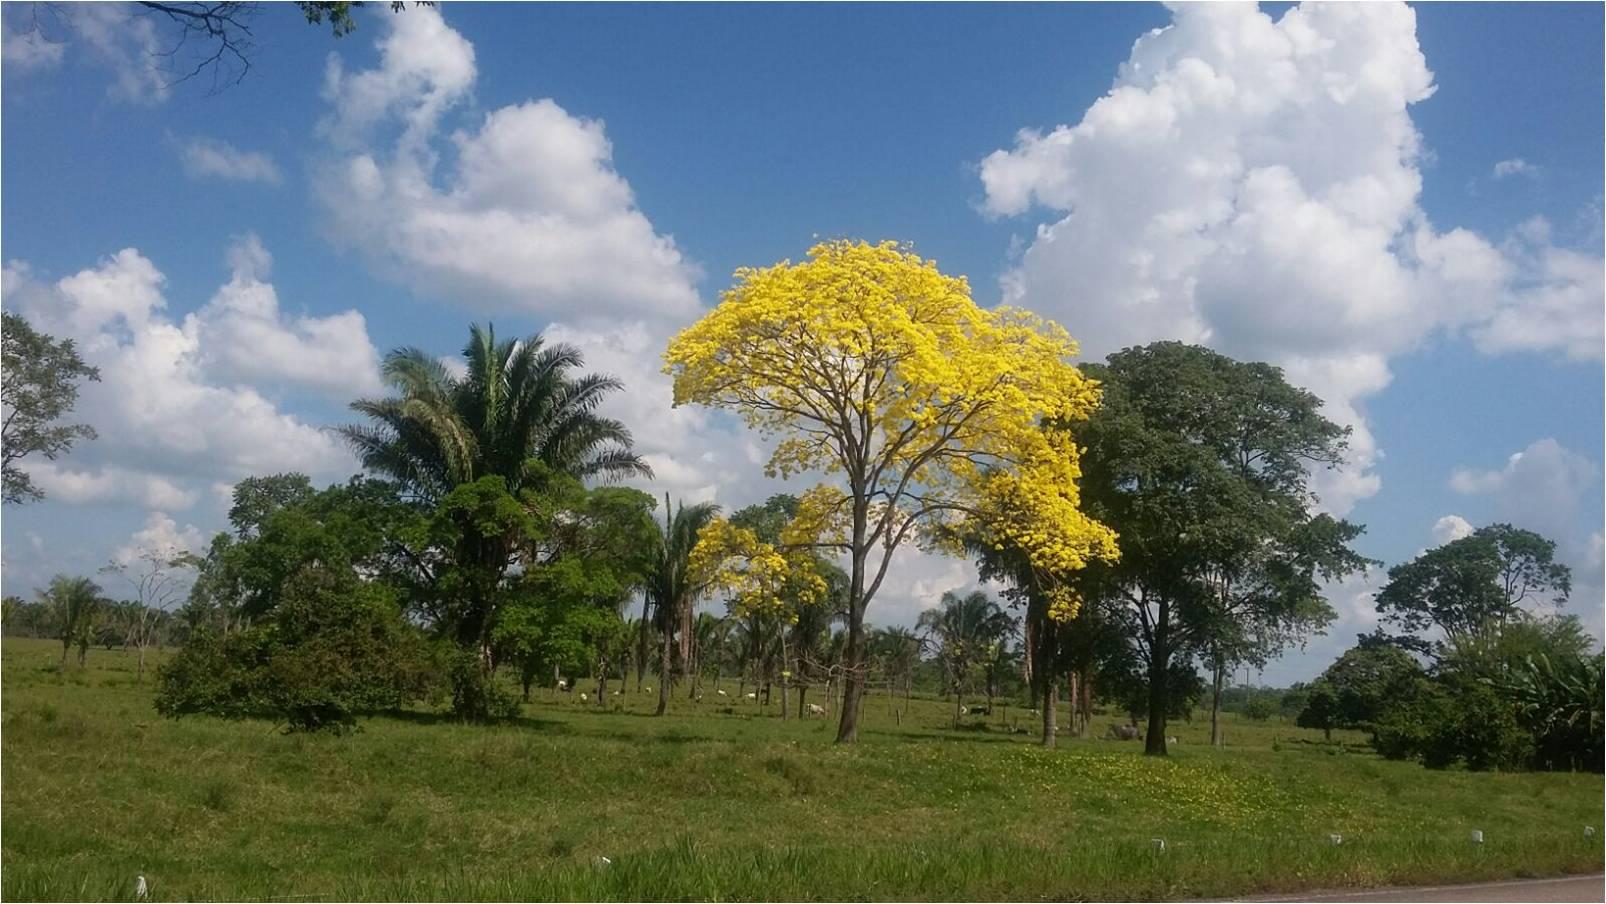 Paisaje de Arauca. Foto Guillermo Murcia, coordinador departamental de la CCCM